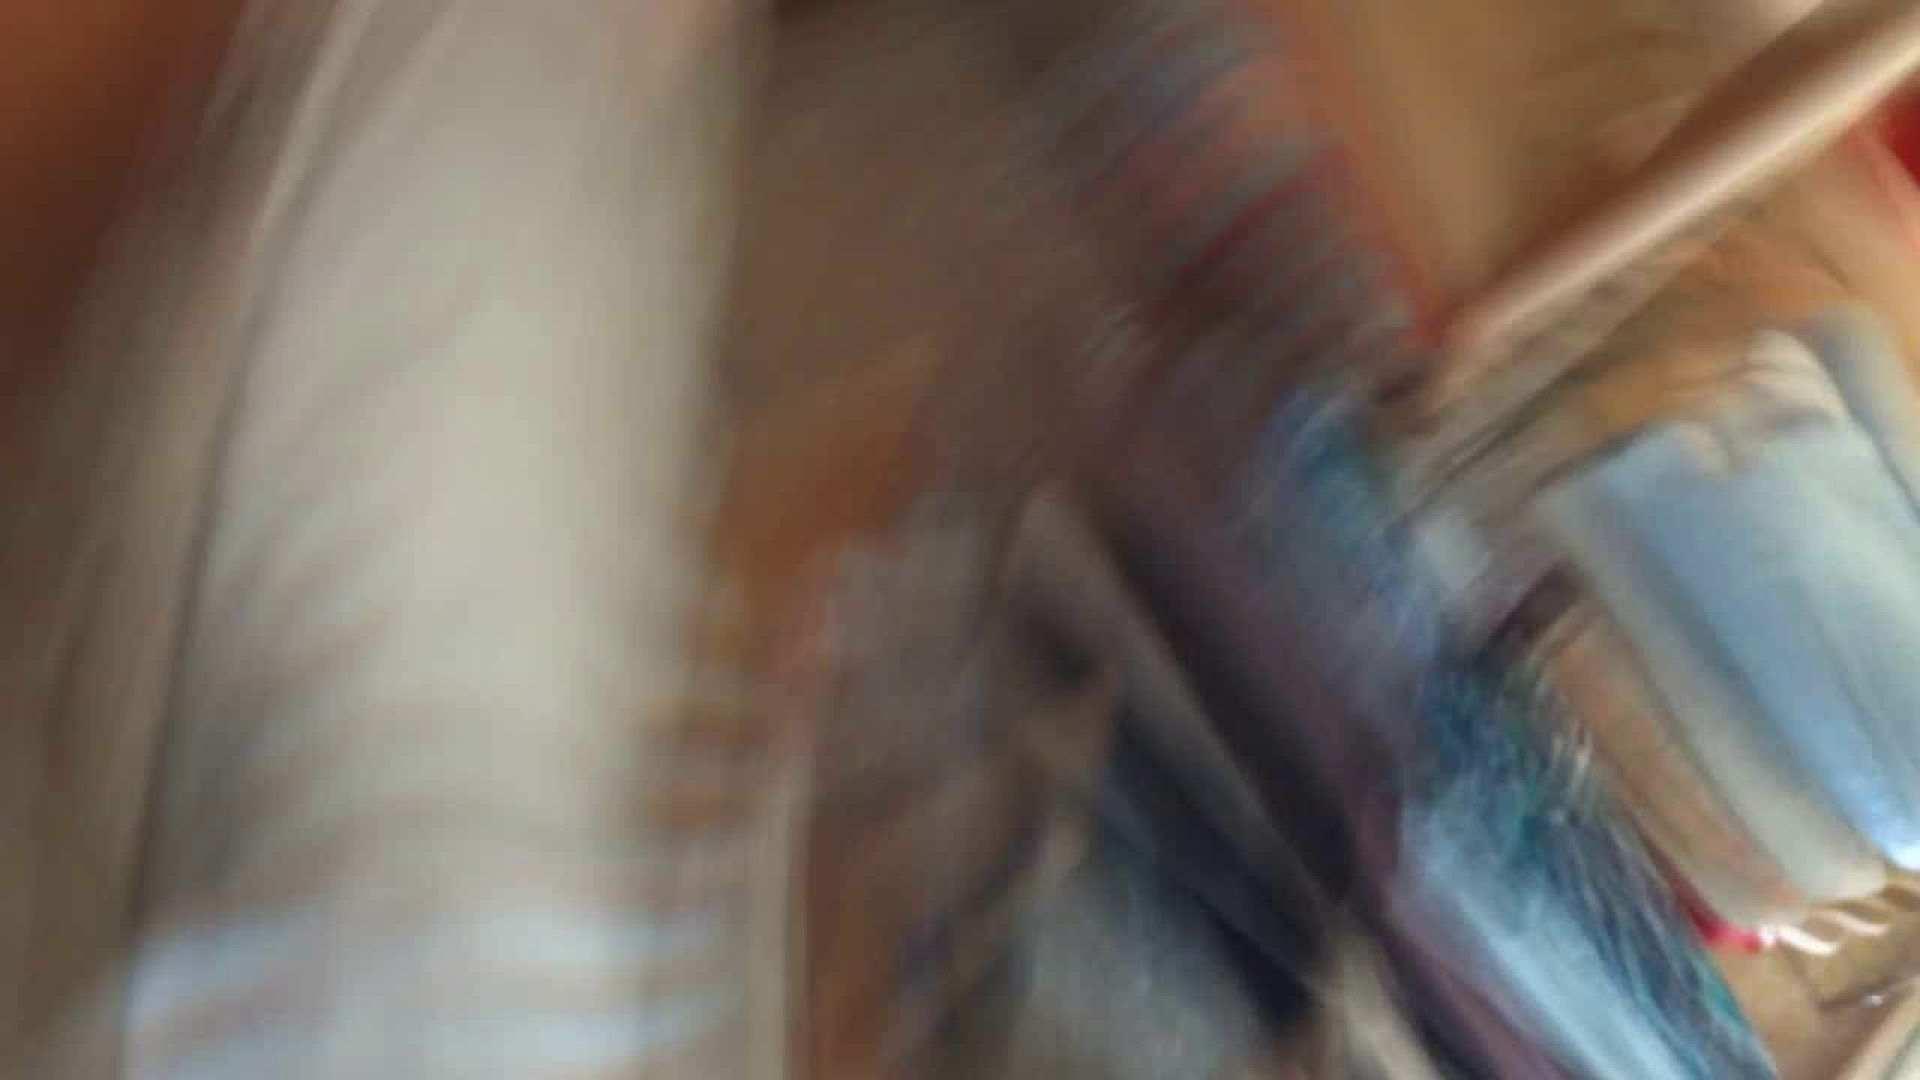 フルHD ショップ店員千人斬り! 大画面ノーカット完全版 vol.07 OLエロ画像 隠し撮りすけべAV動画紹介 109PICs 86